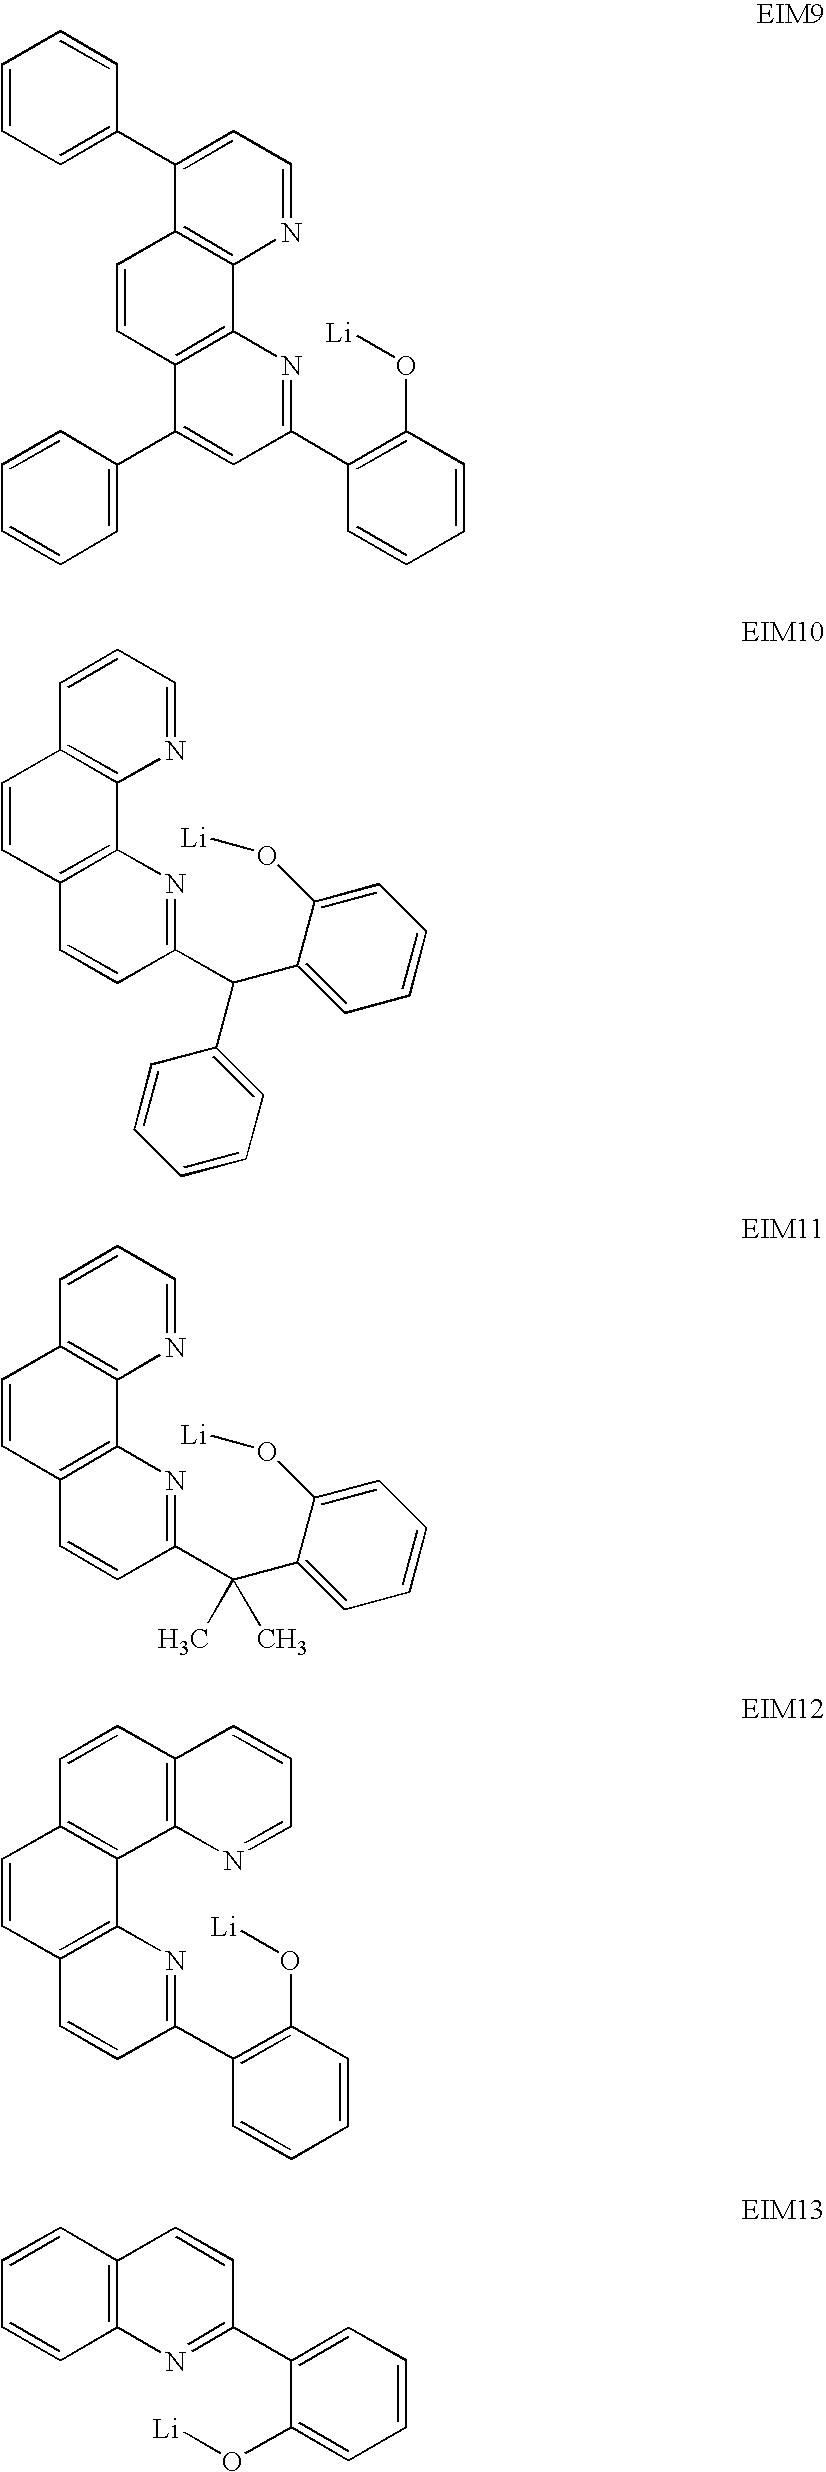 Figure US08420229-20130416-C00013